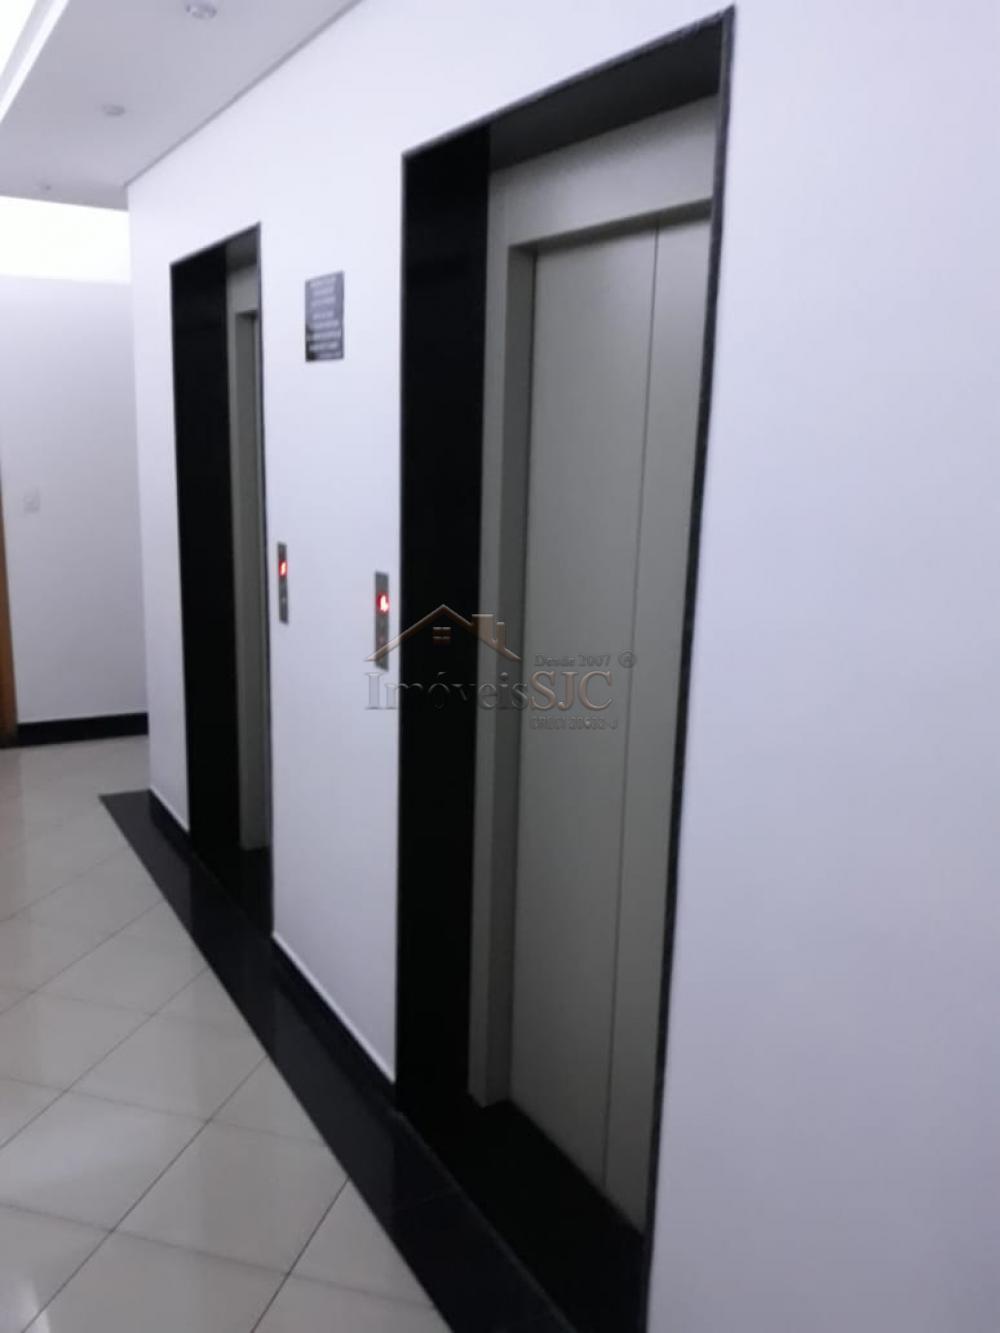 Alugar Comerciais / Sala em São José dos Campos apenas R$ 1.300,00 - Foto 9